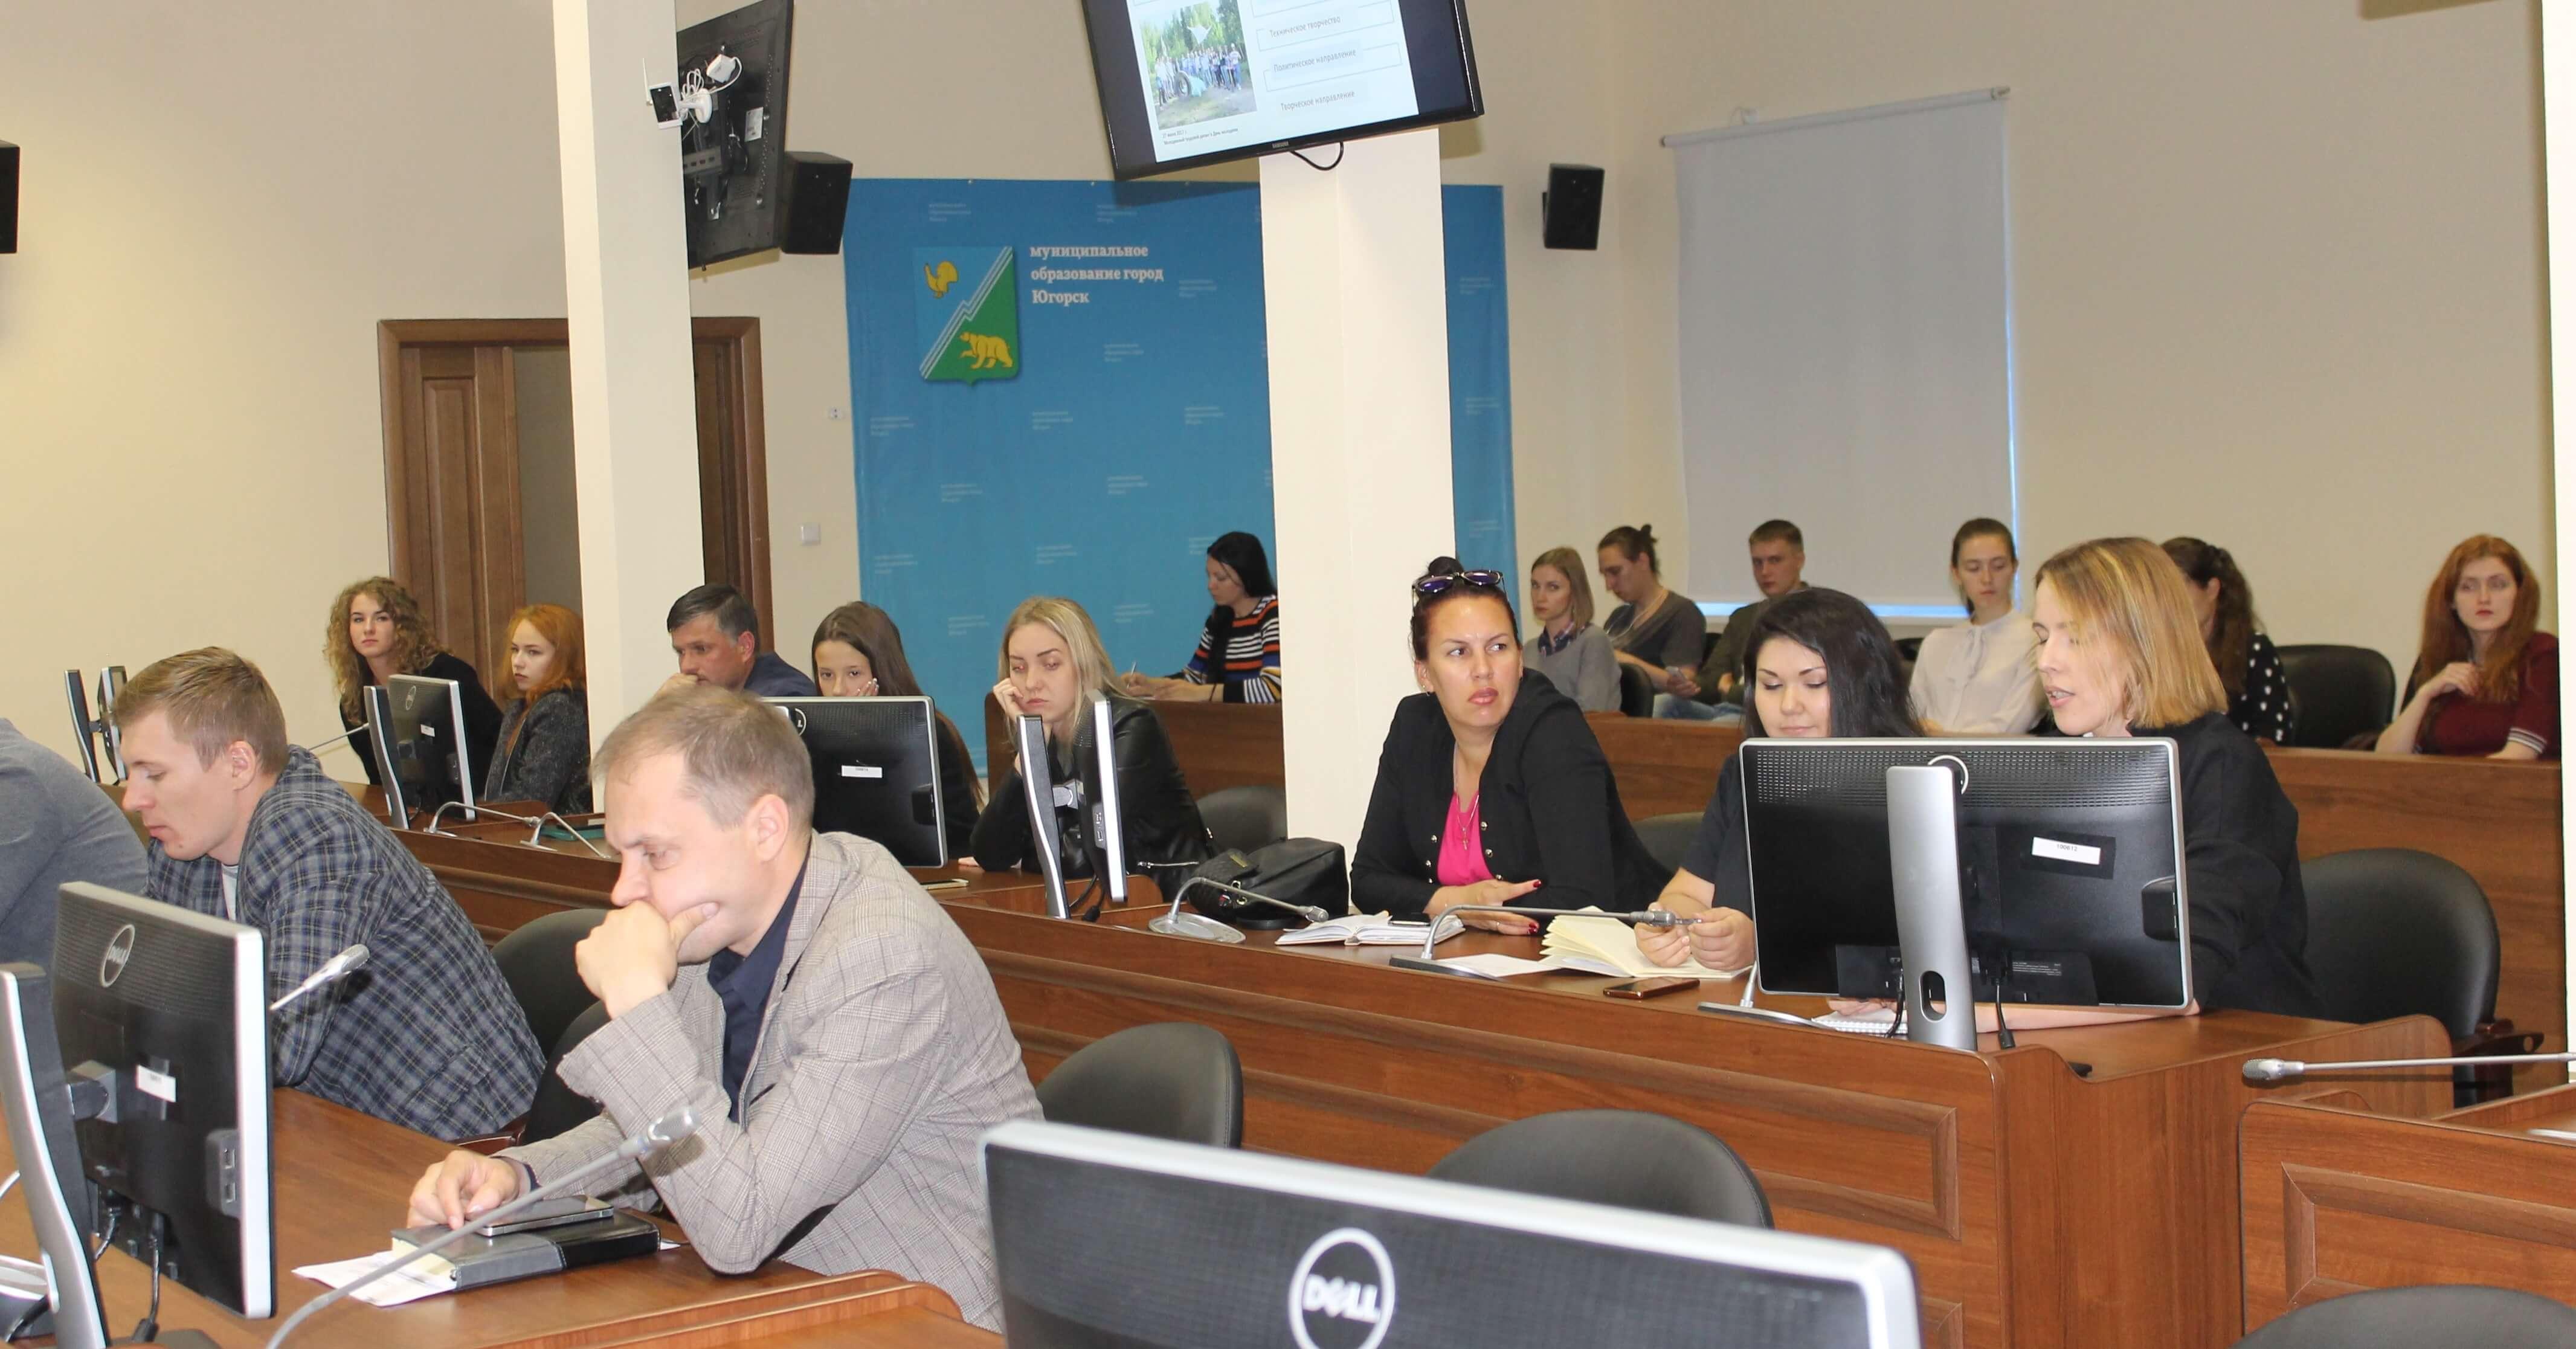 Состоялись общественные слушания «Молодежные общественные объединения Югорска»